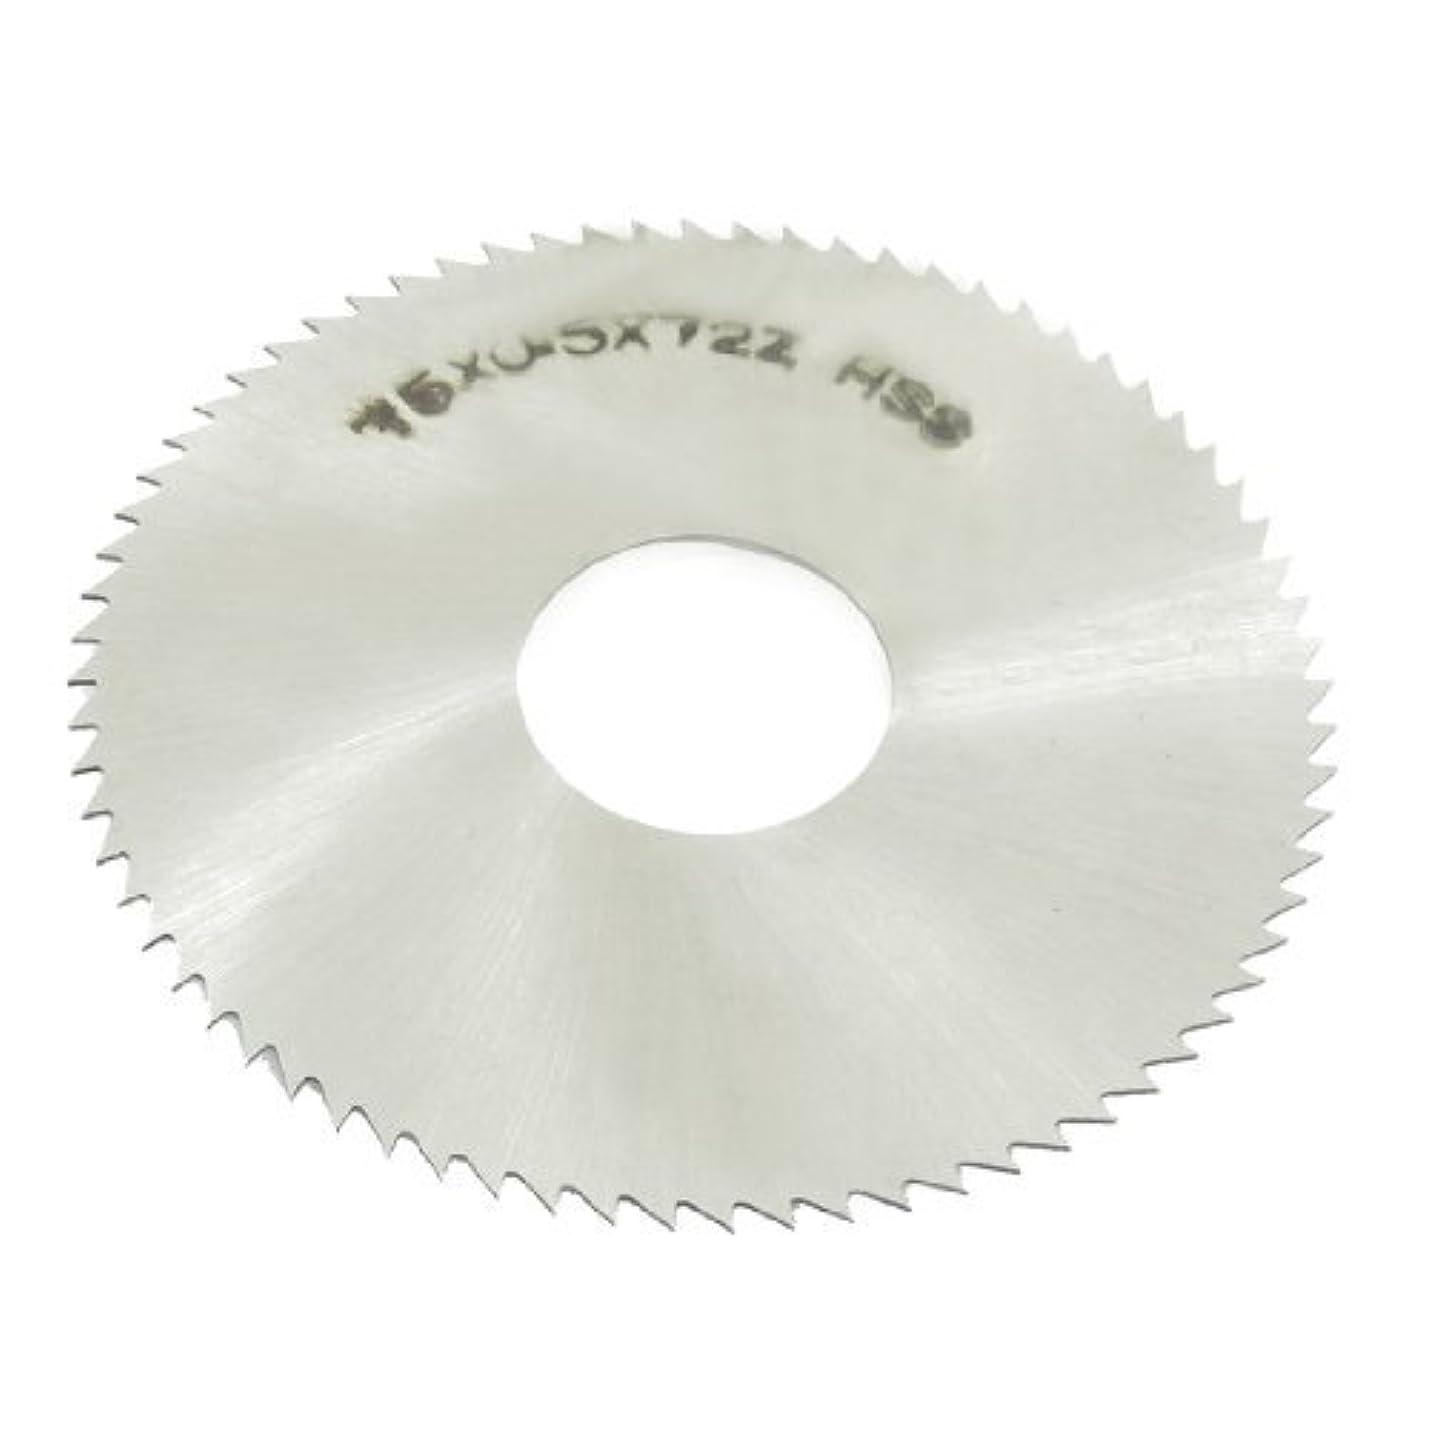 HSS 75ミリメートル径0.5ミリメートル厚さ72歯円形フライスソウ